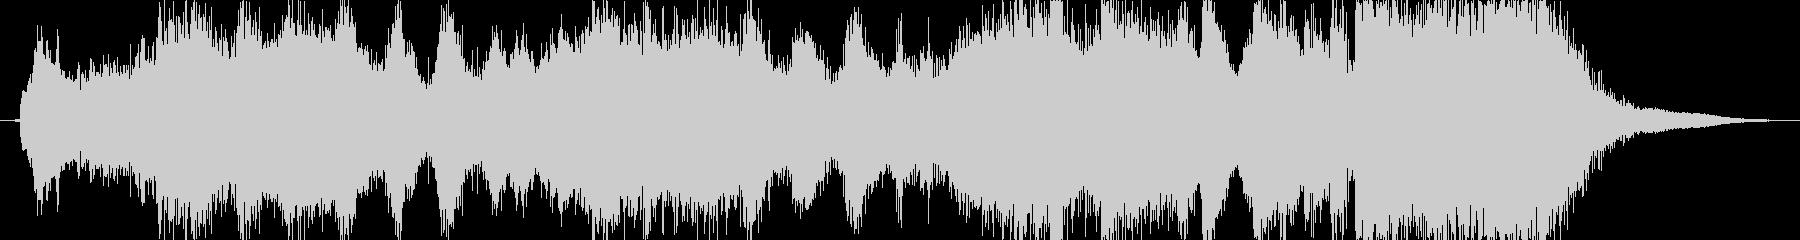 邪悪なイメージのファンファーレ2の未再生の波形